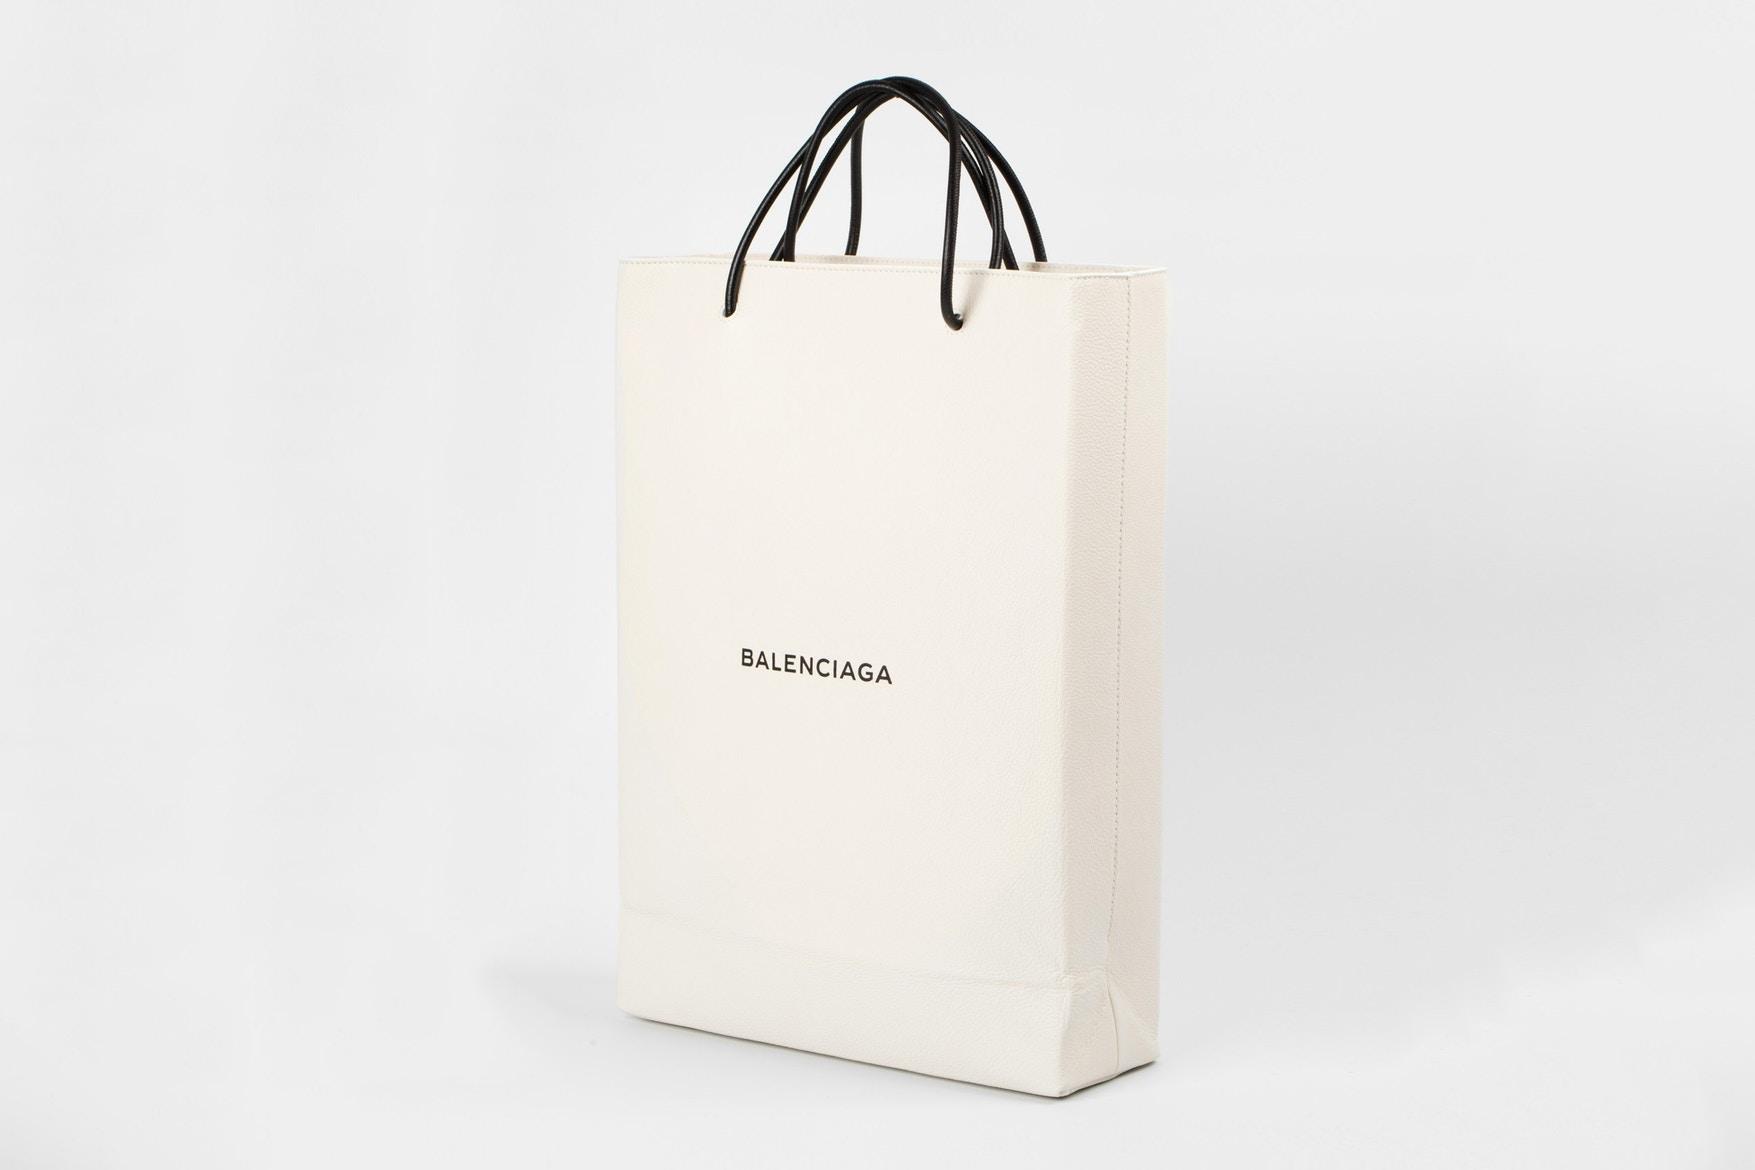 宜家袋之后 Balenciaga又出产天价购物袋_风潮流动_GQ男士网